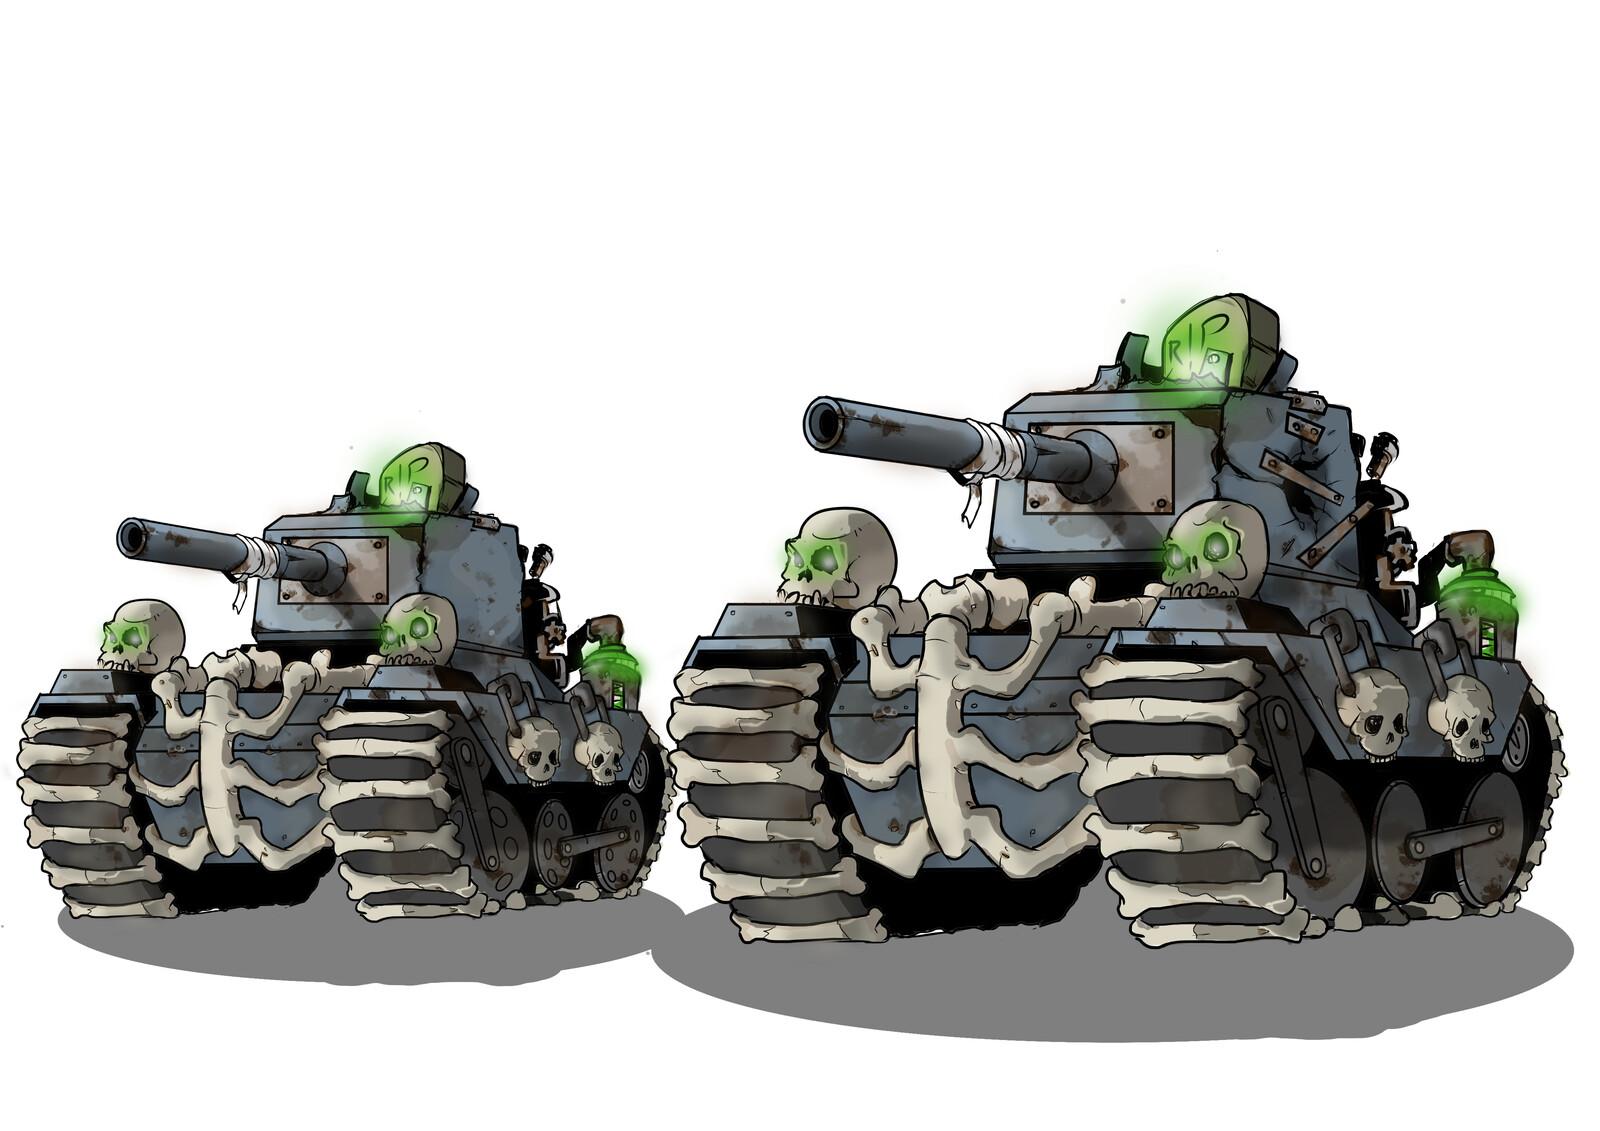 Concept art by Daniel Guillen https://www.instagram.com/infamous_dani/